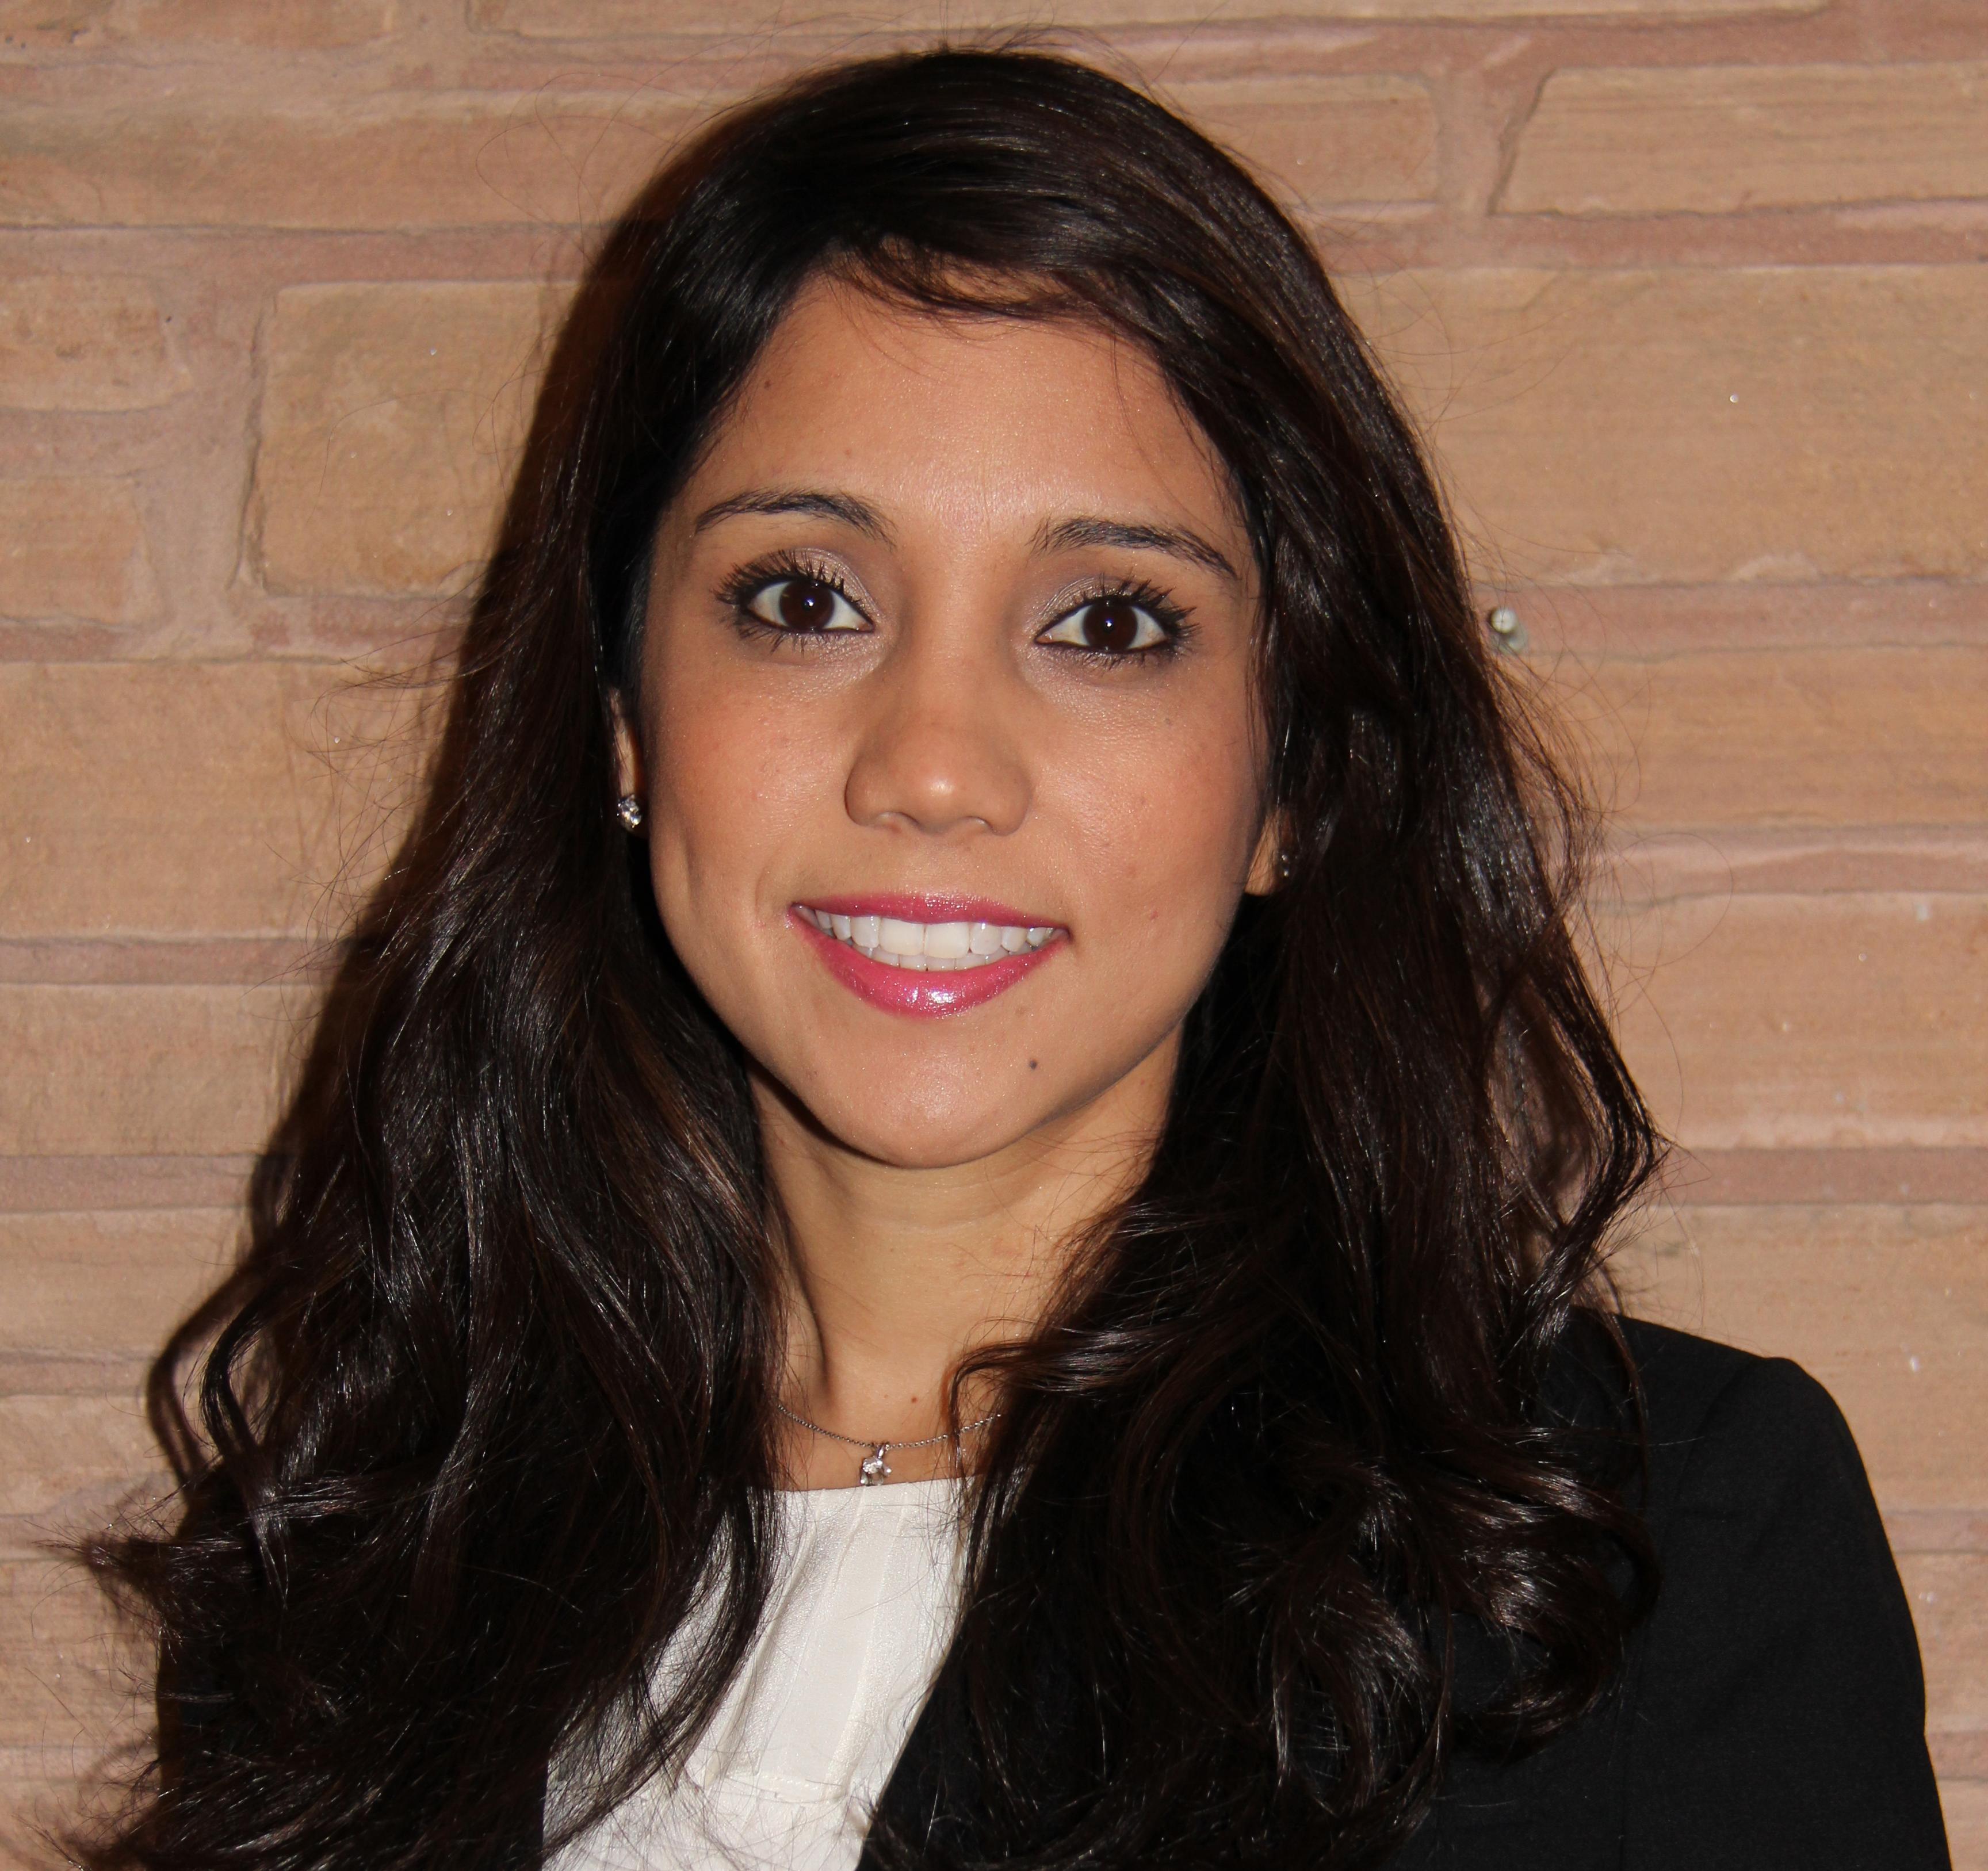 Melanie_Castillo.JPG